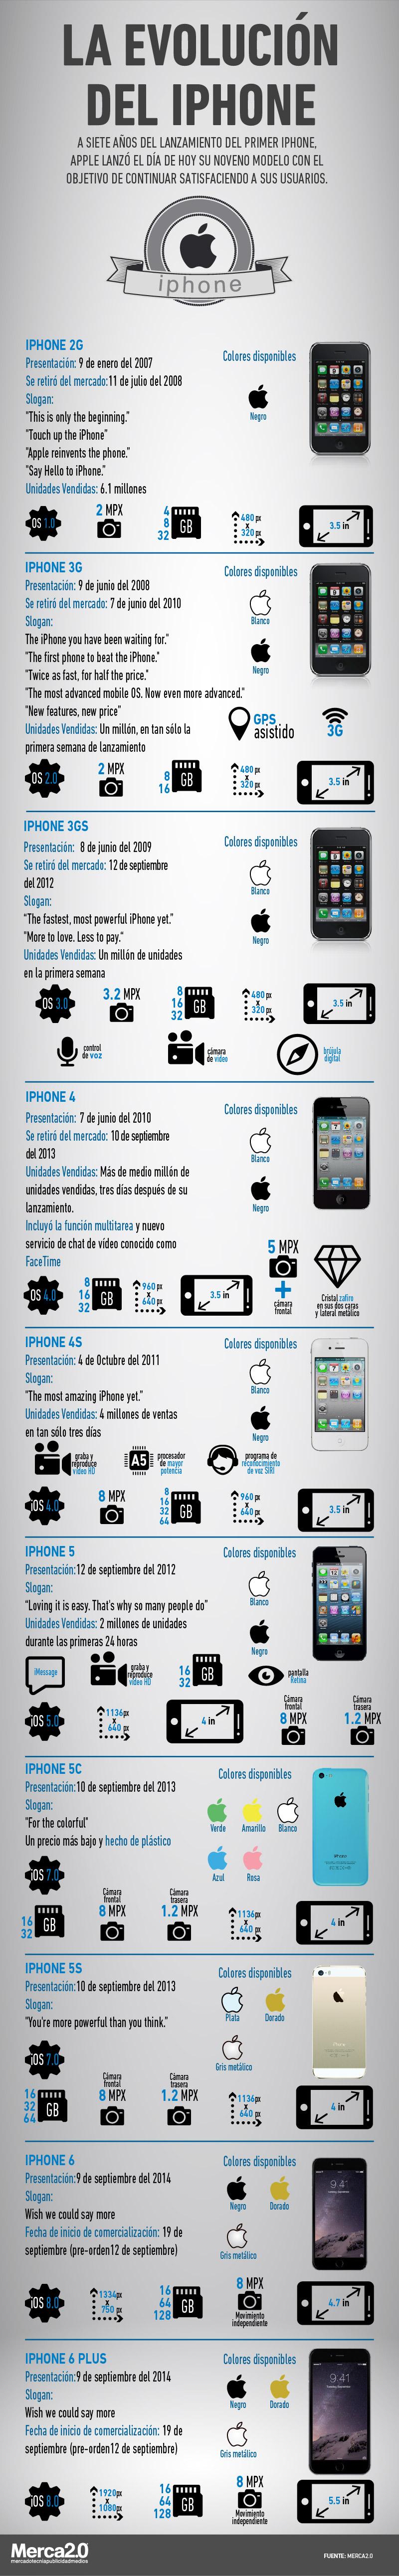 Infografía evolución iPhone